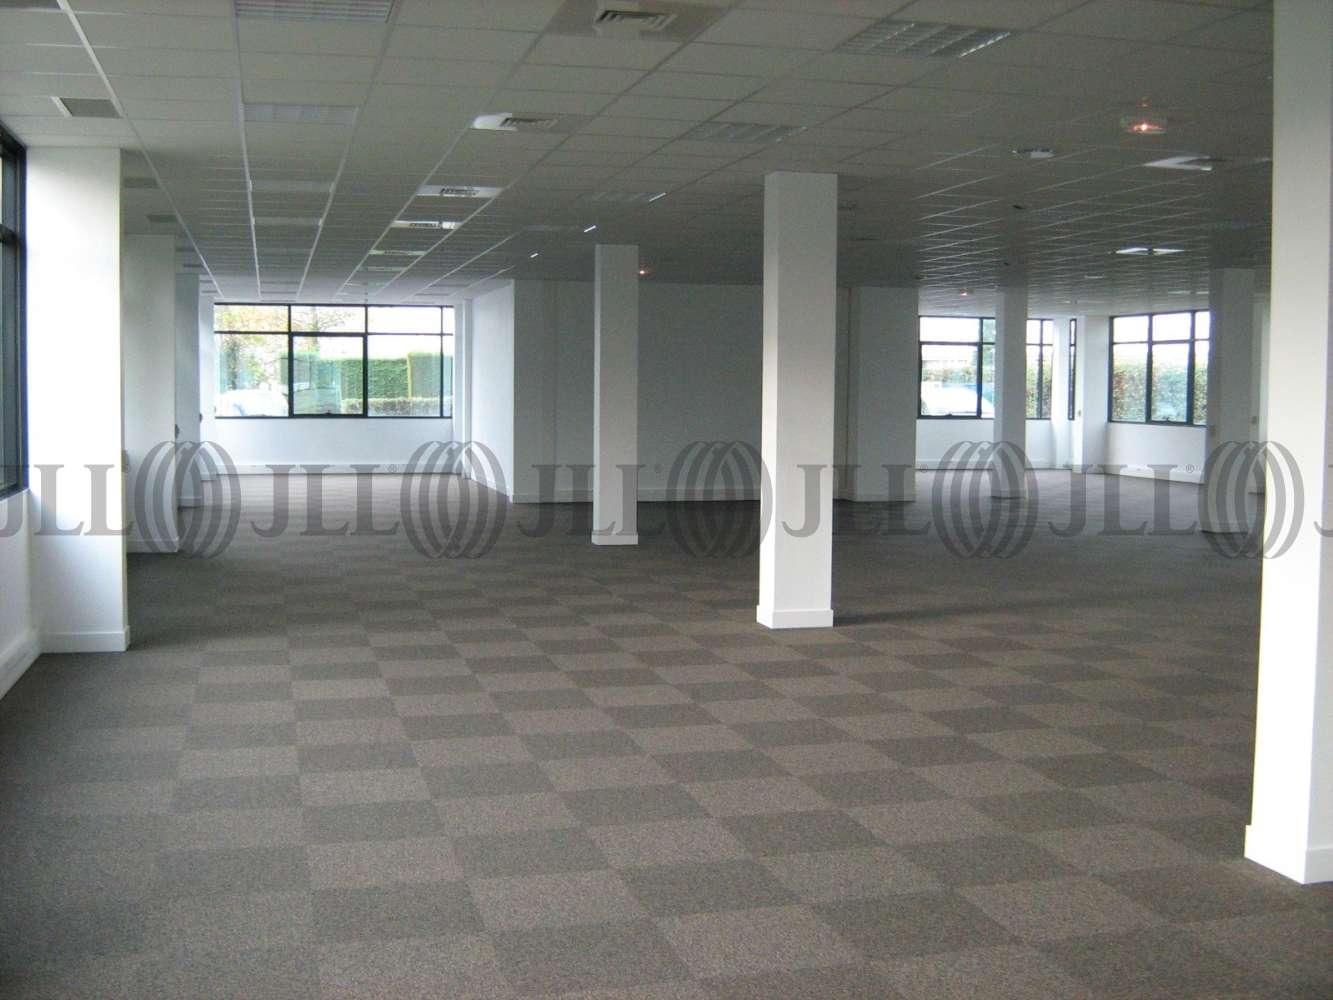 Activités/entrepôt Roissy en france, 95700 - PARC DES NATIONS - 9444939